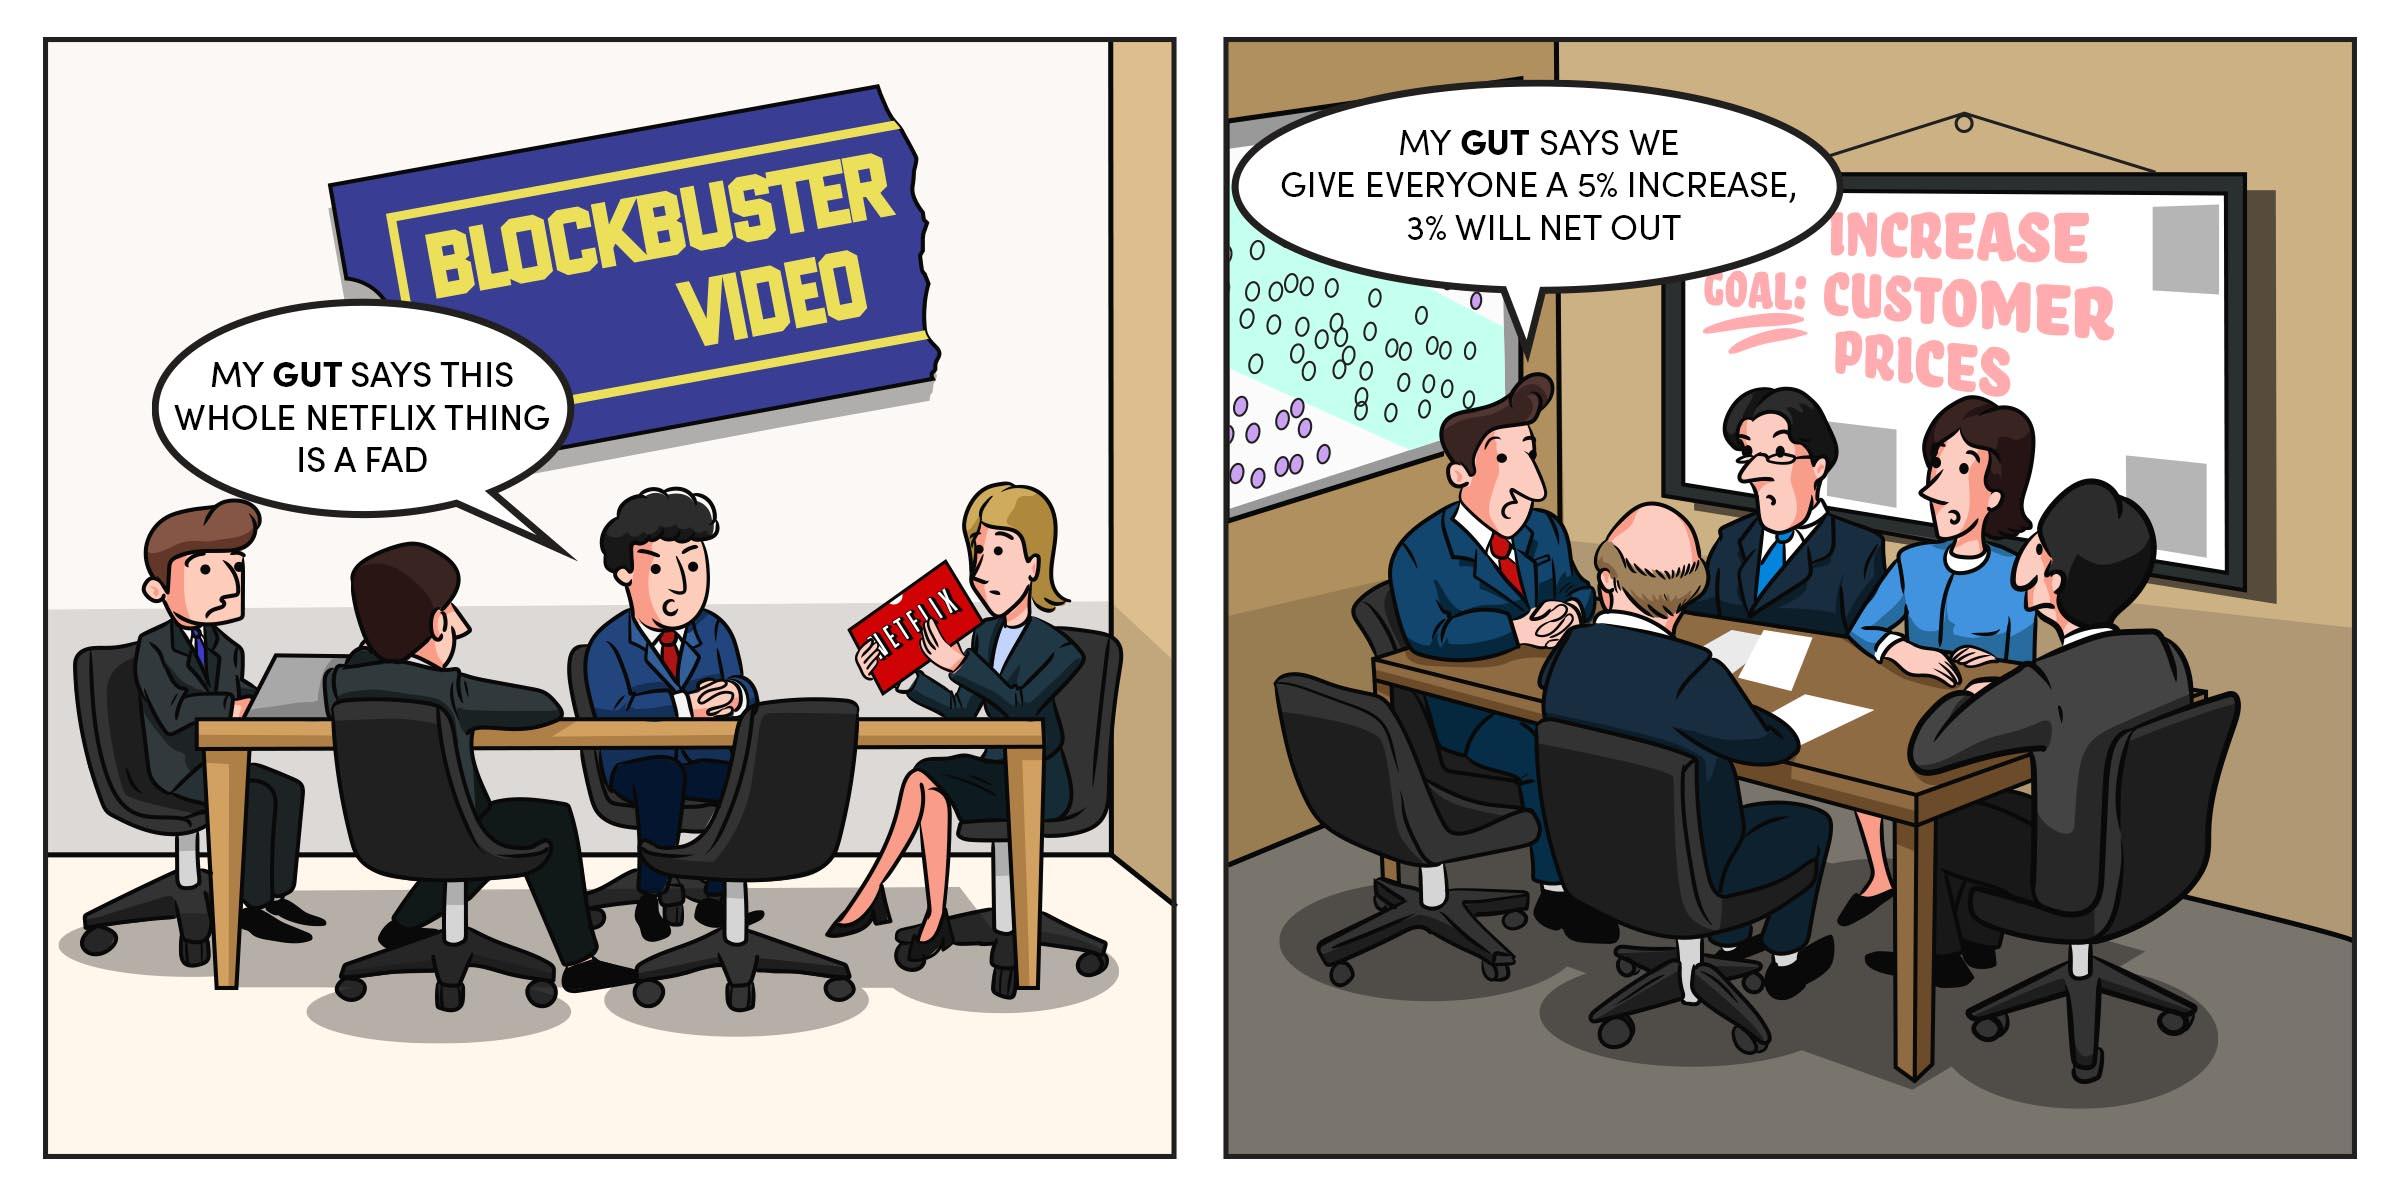 1129570_Stop GutPricingCartoon-2-Blockbuster_082021